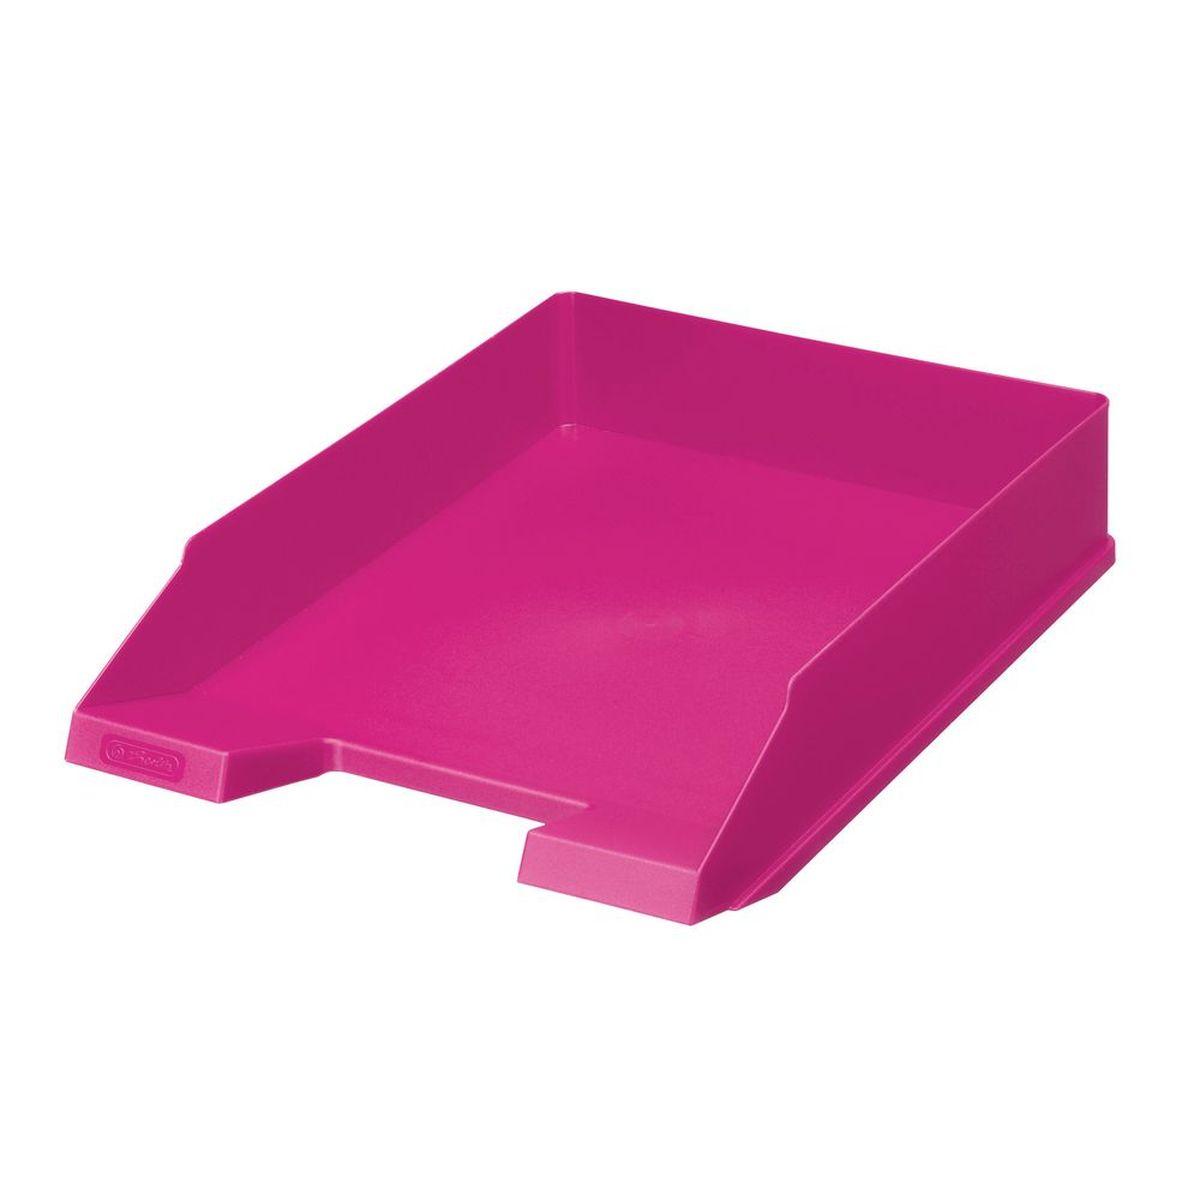 Herlitz Лоток для бумаг Colour Blocking цвет розовый11363595Практичный лоток для бумаг Herlitz Colour Blocking всегда поможет вам избавиться от лишних документов и содержать порядок на рабочем столе. Лоток изготовлен из пластика и находится всегда в горизонтальном положении, тем самым обеспечивая удобное хранение бумаг и документов. Он значительно облегчает делопроизводство. Яркий дизайн сделает его достойным аксессуаром среди ваших канцелярских принадлежностей и подарит вам хорошее настроение. Формат A4